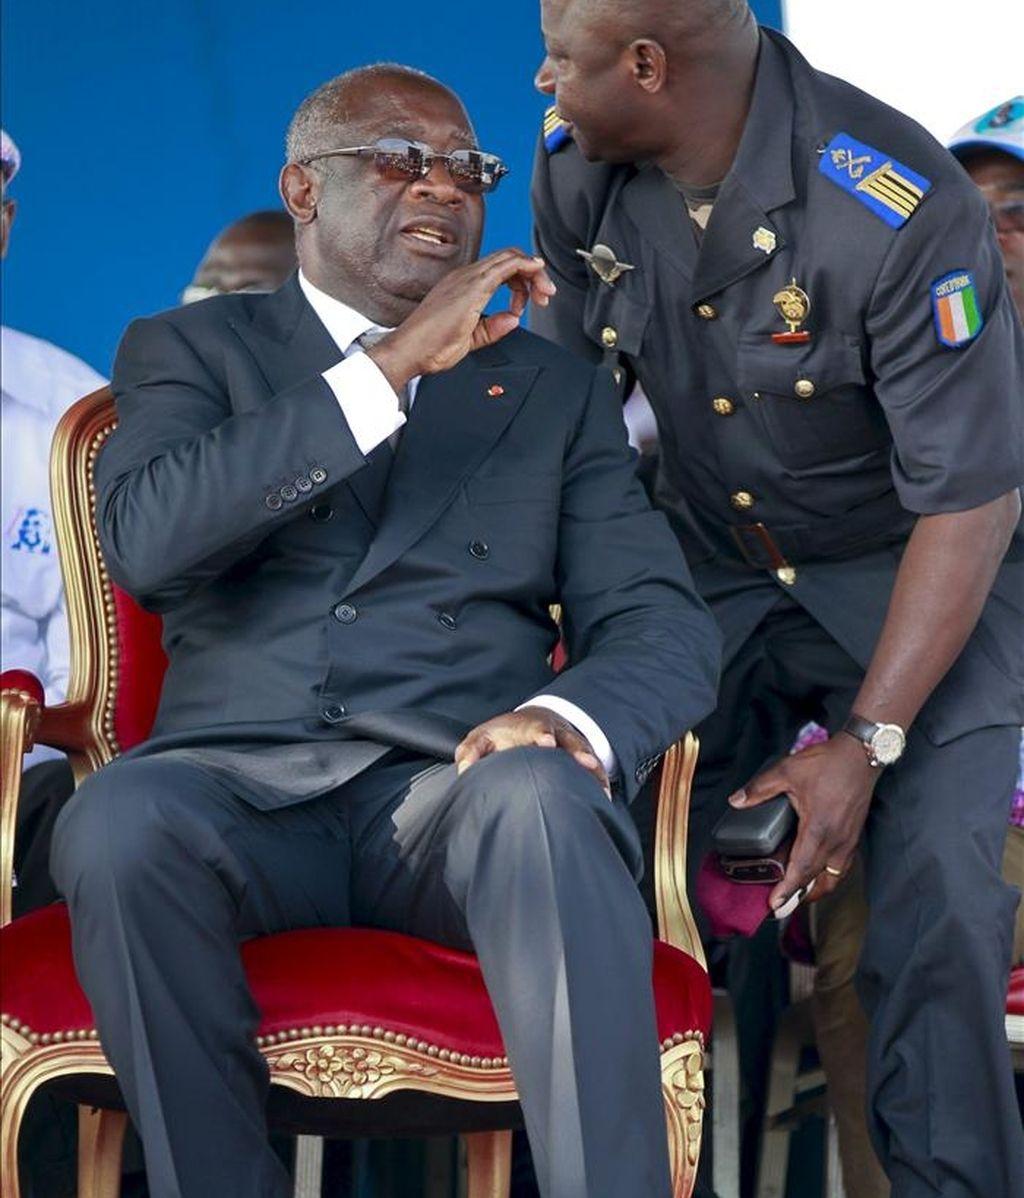 Fotografía de archivo del entonces presidente marfileño, Laurent Gbagbo (i), durante un mitin electoral en Abiyán (Costa de Marfil), el 25 de octubre de 2010. EFE/Archivo